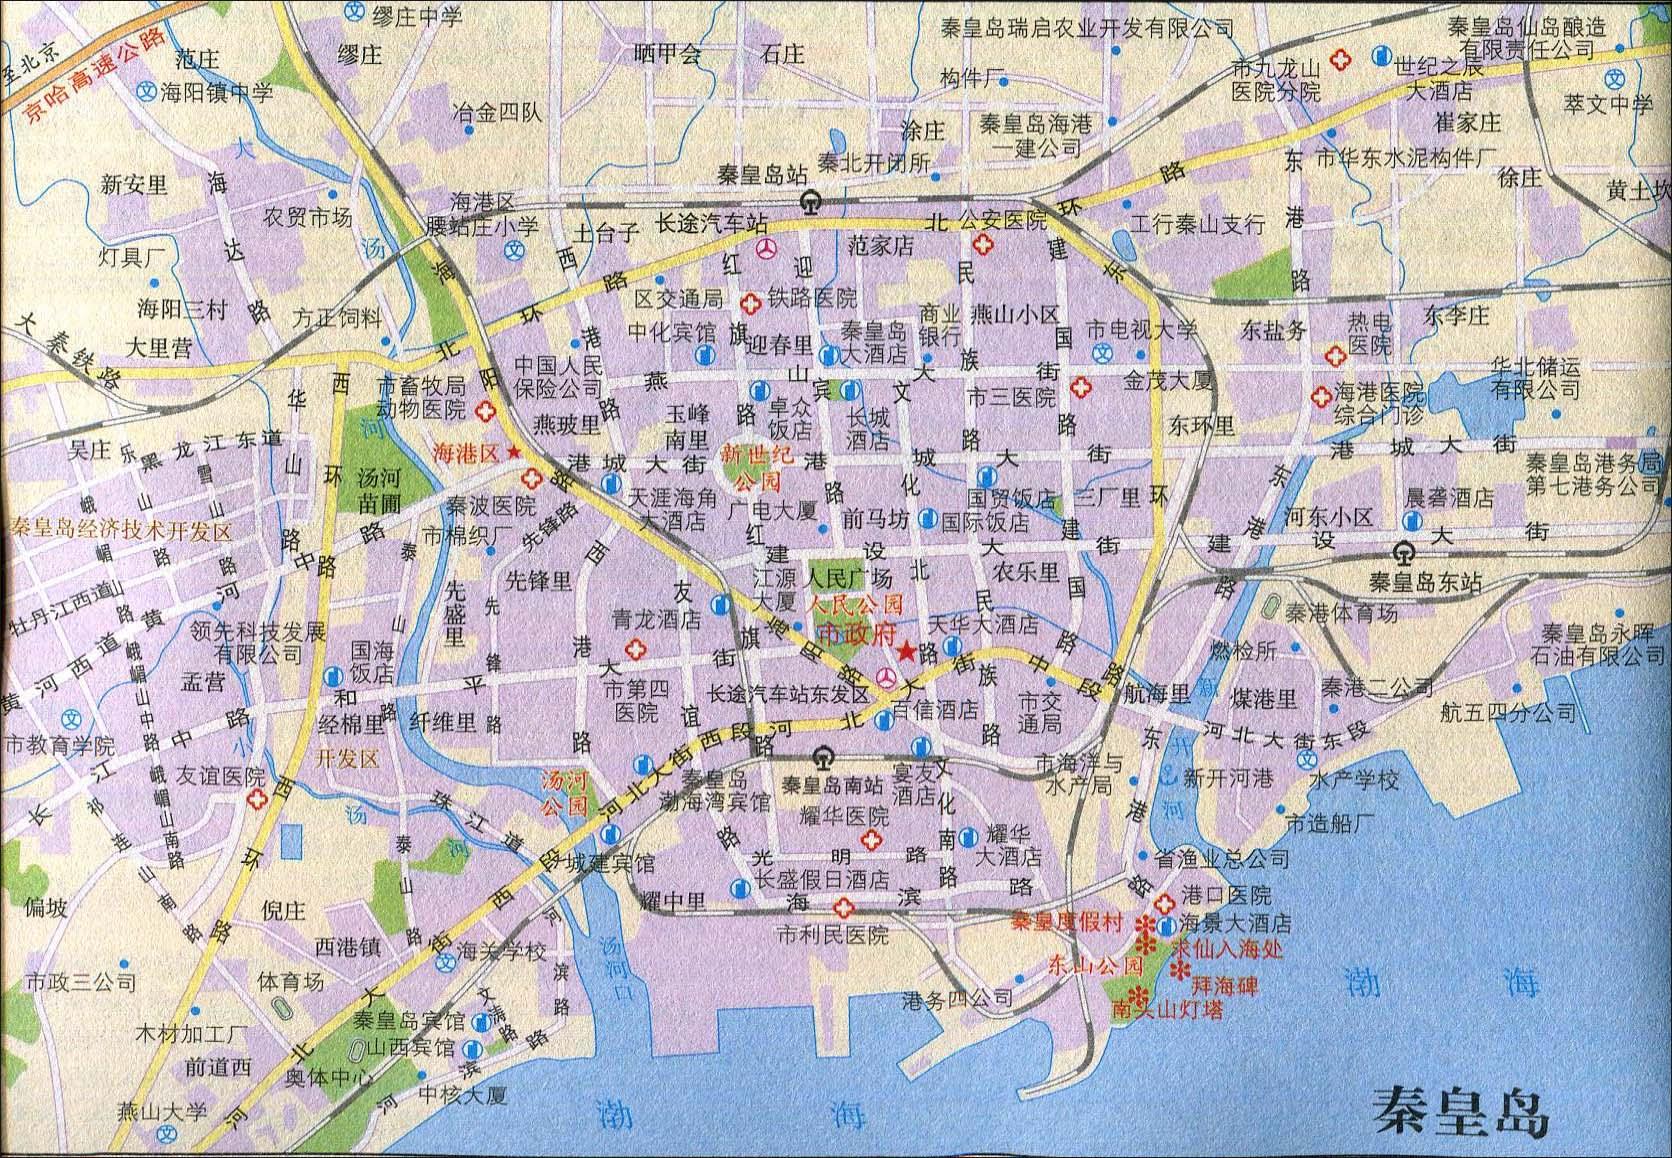 地图库 旅游地图 河北旅游 >> 泰皇岛旅游交通地图  景点导航:世界